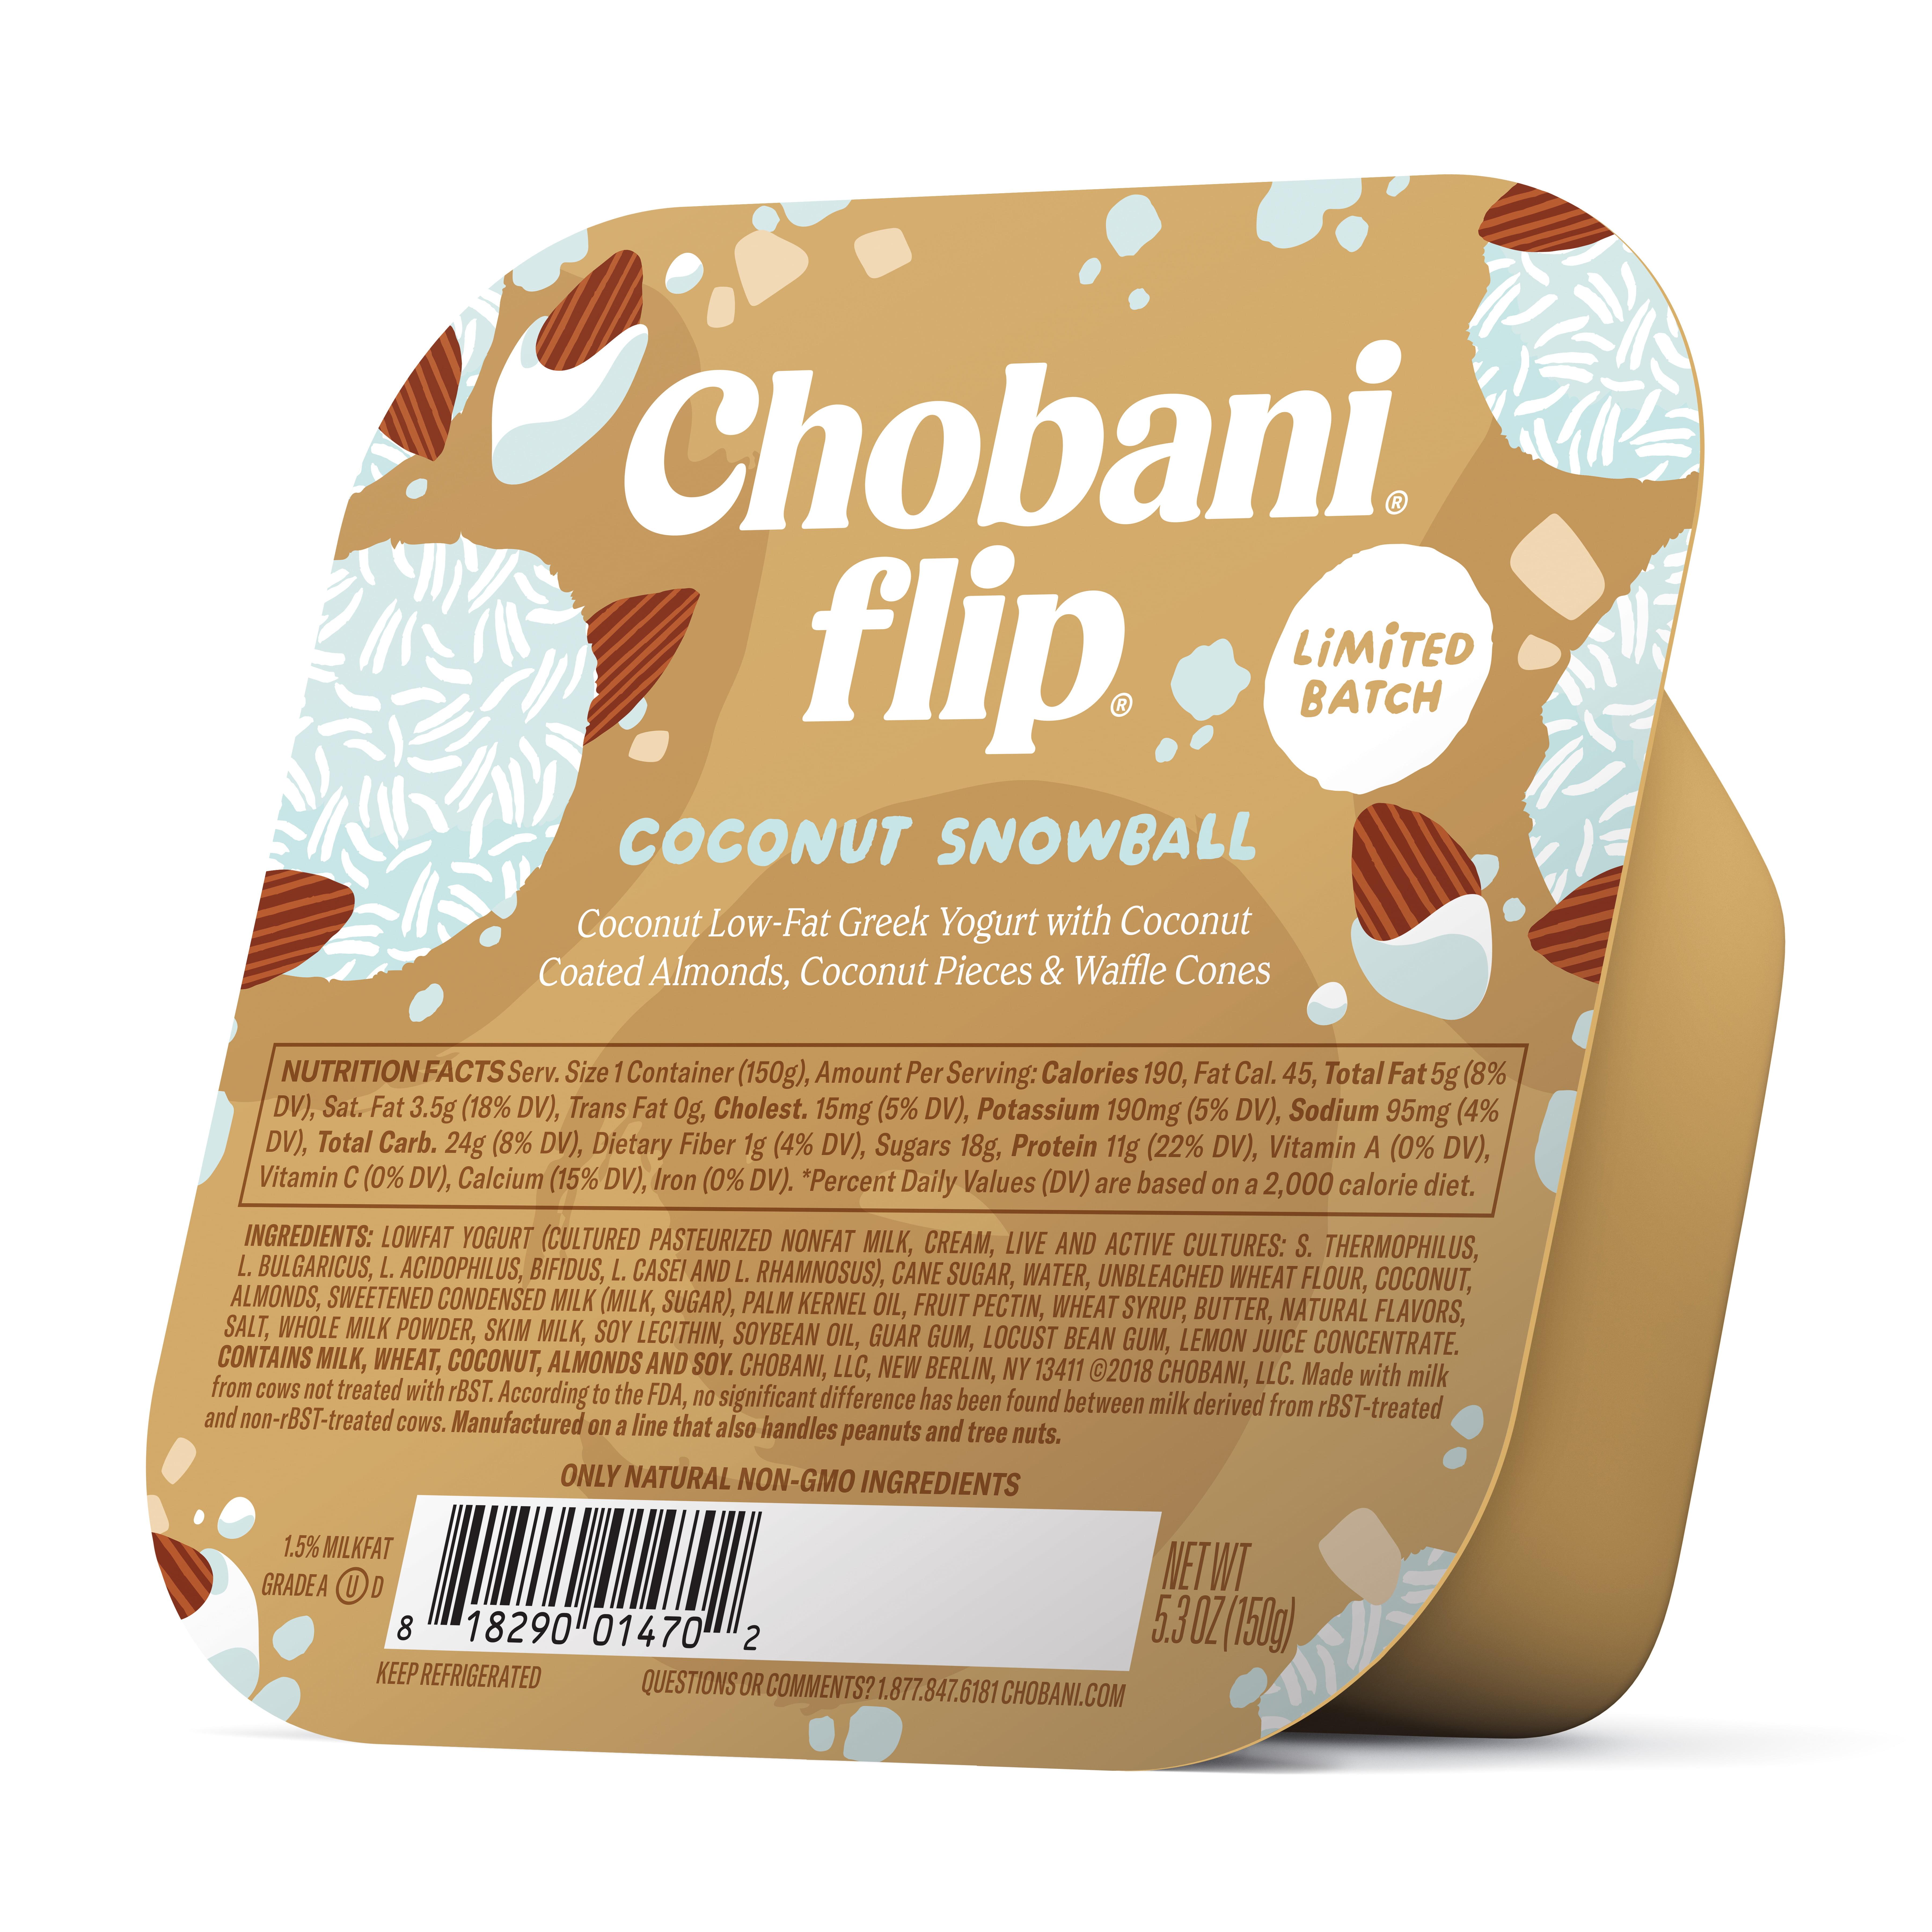 Chobani Flip, Limited Batch Coconut Snowball Low-Fat Greek Yogurt, 5.3 oz